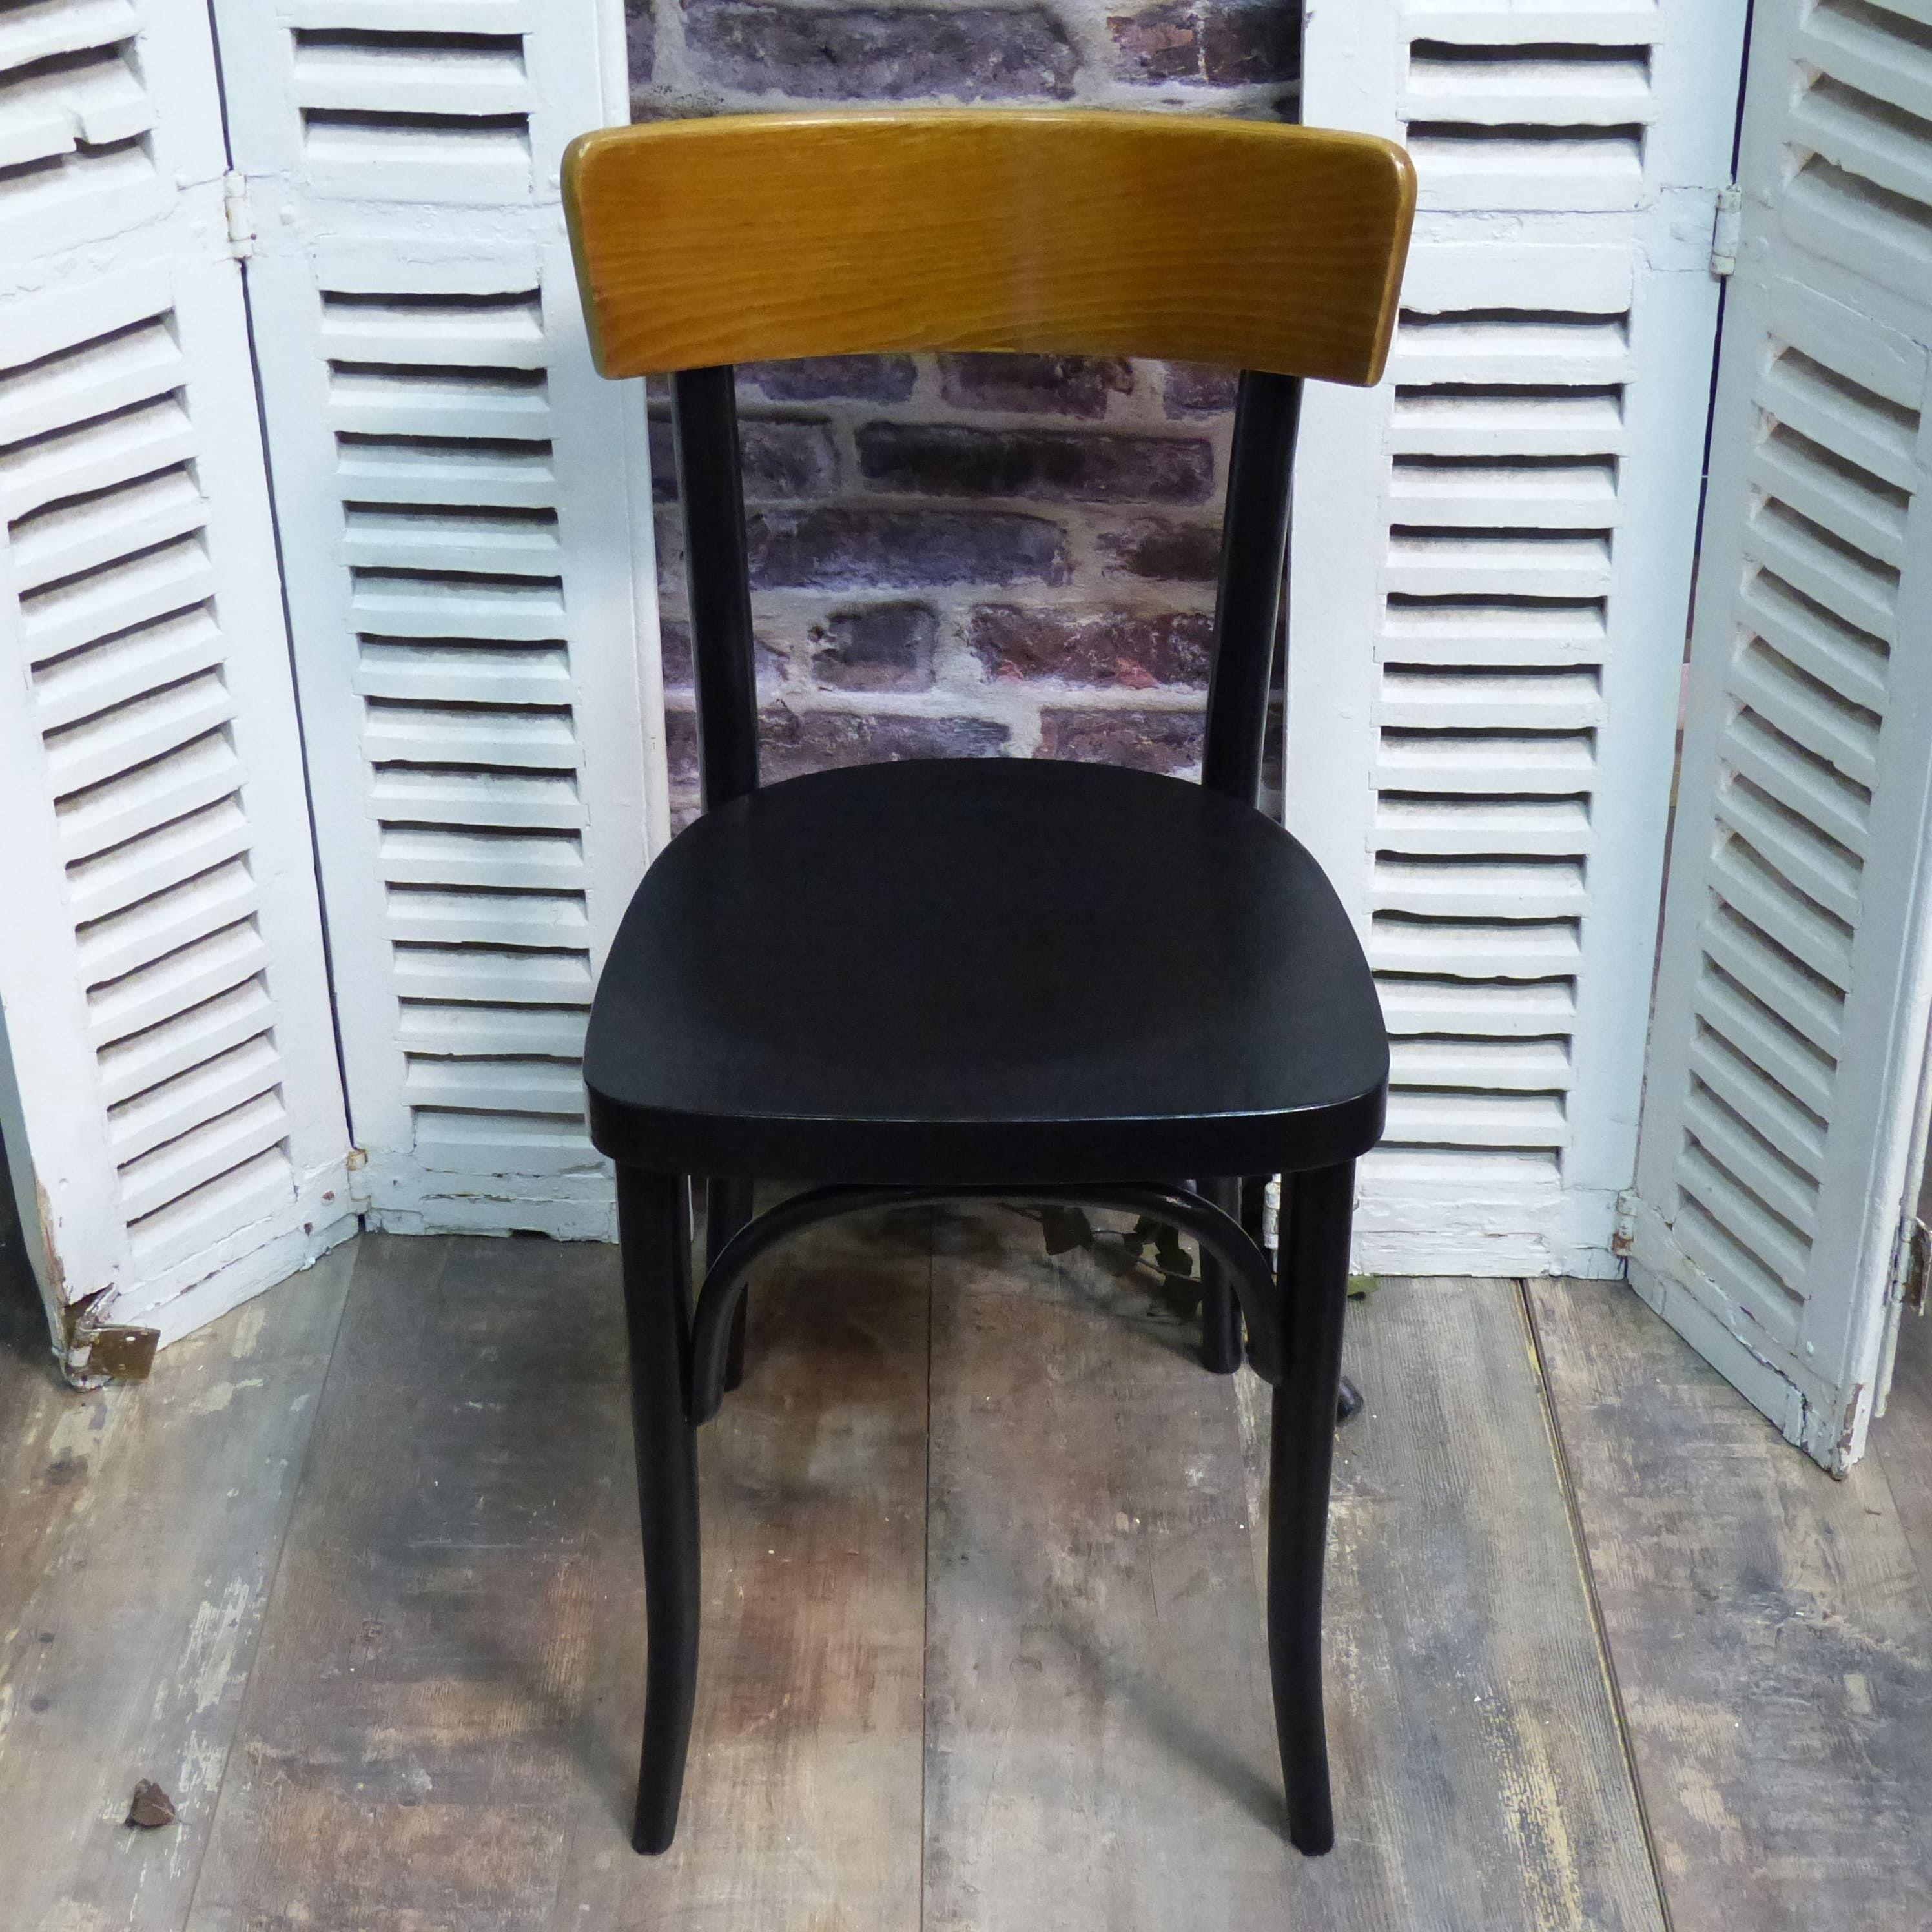 Chaise bistrot estampillée THONET bois naturel et noire en tr¨s bon